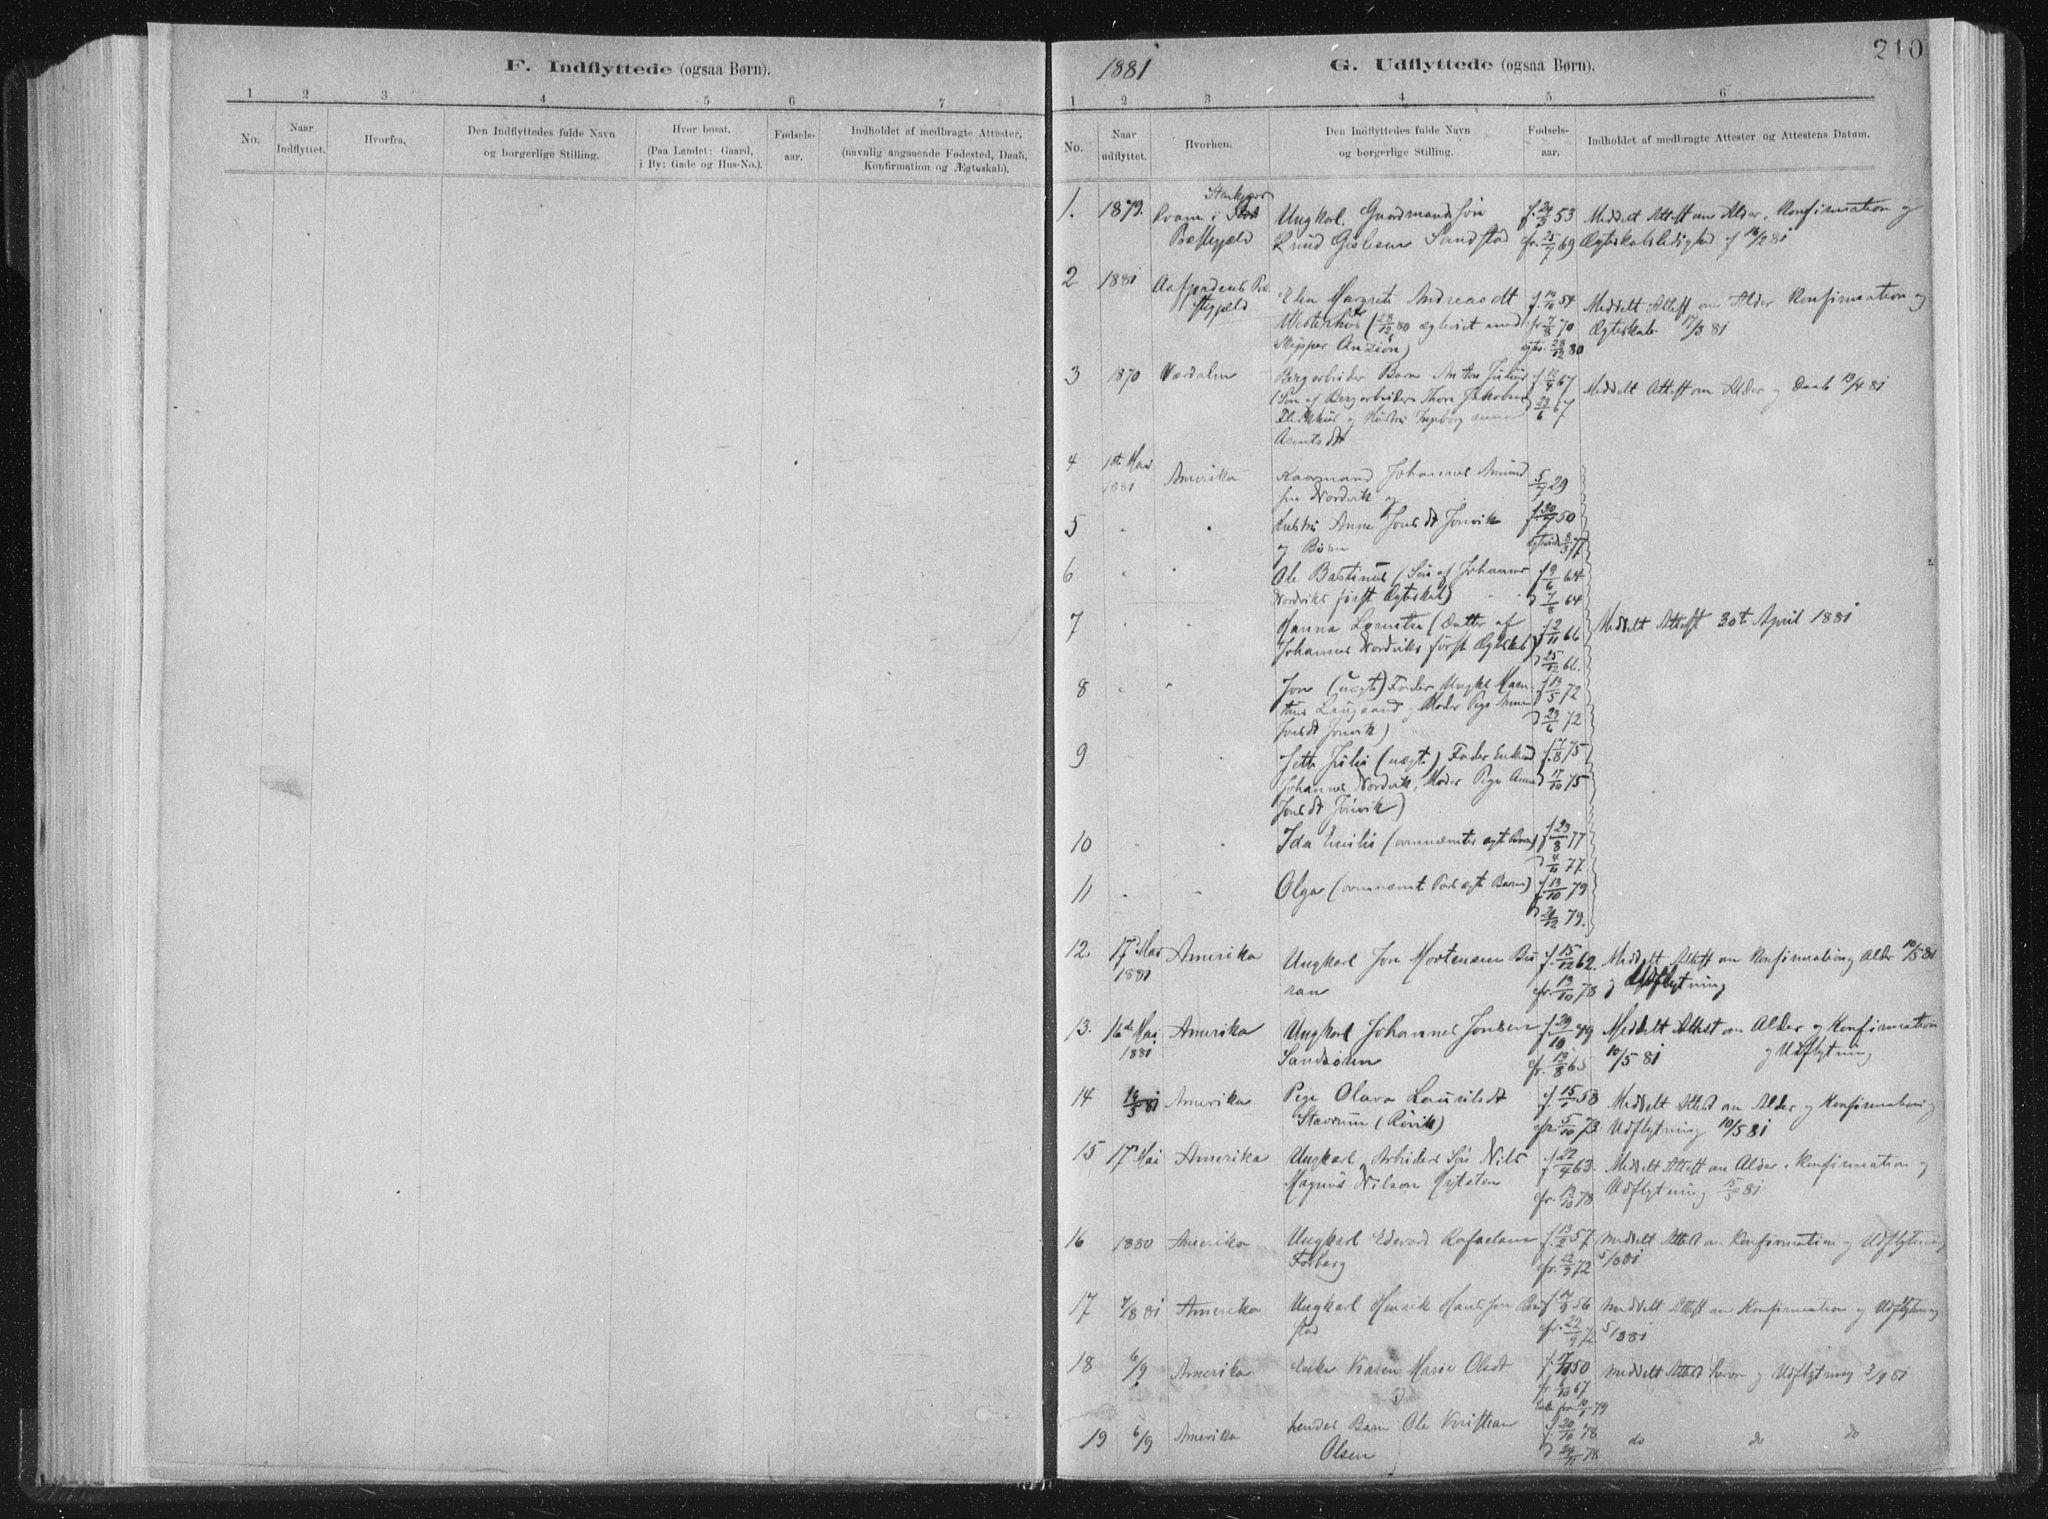 SAT, Ministerialprotokoller, klokkerbøker og fødselsregistre - Nord-Trøndelag, 722/L0220: Ministerialbok nr. 722A07, 1881-1908, s. 210